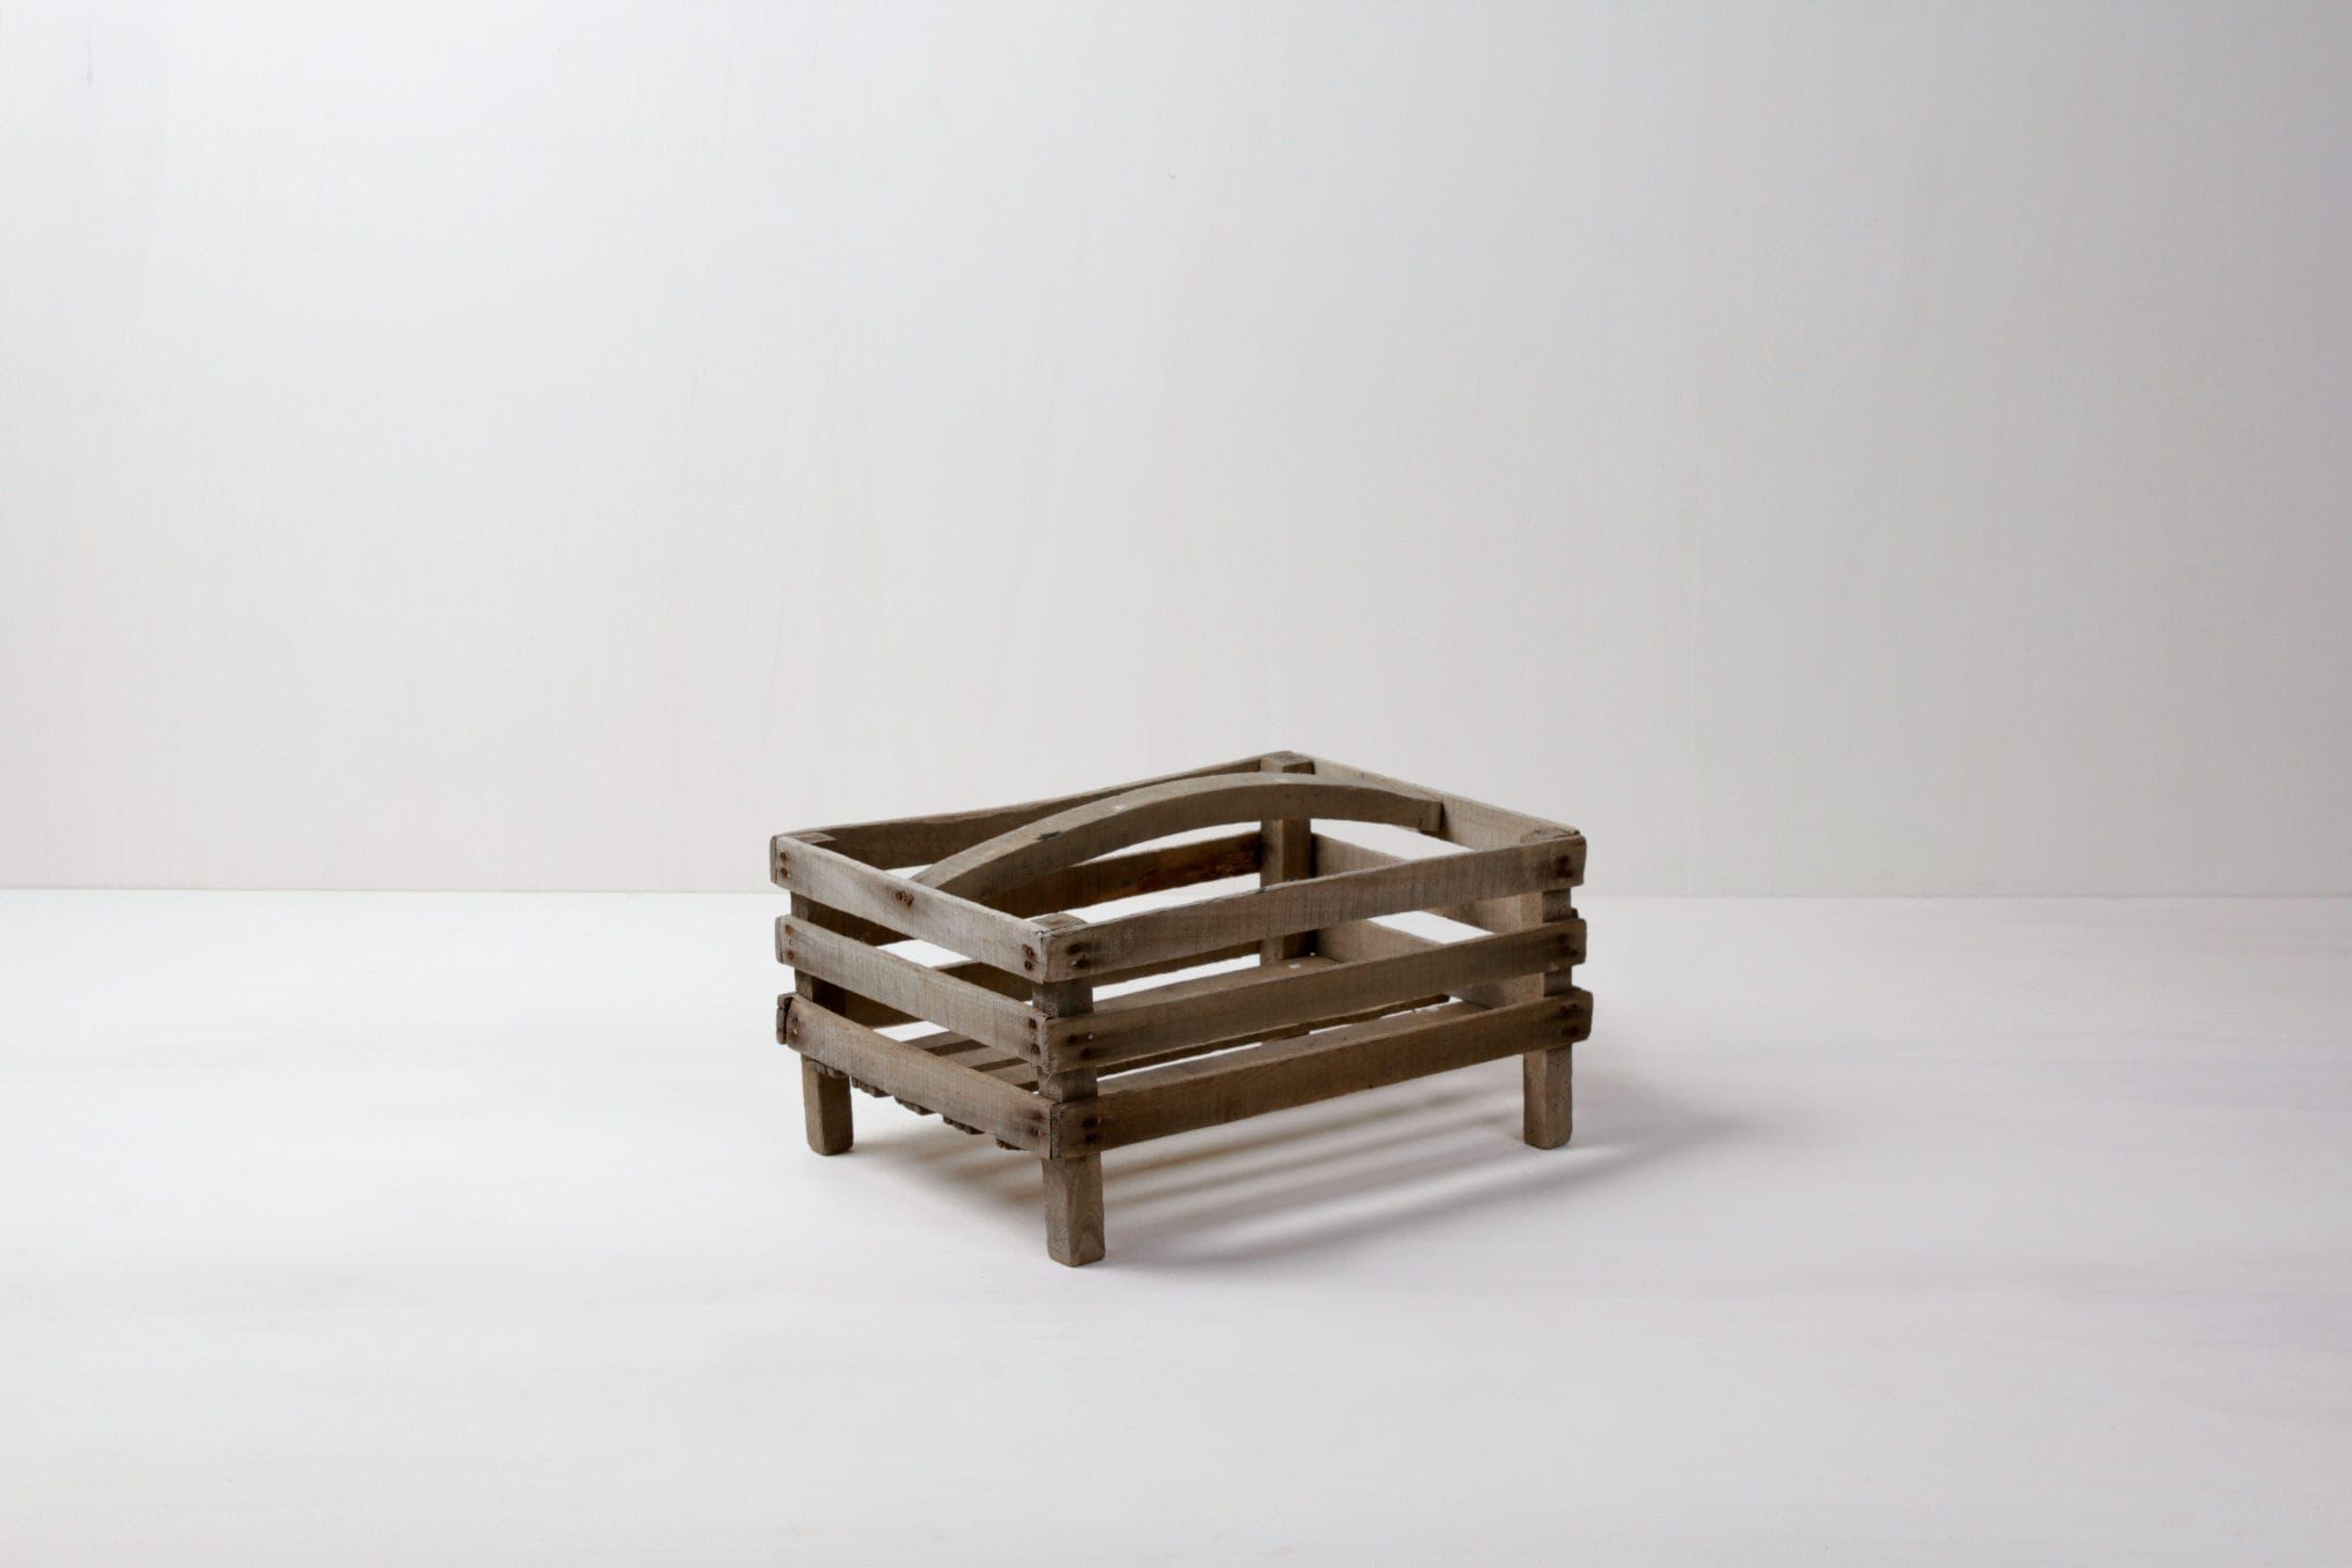 Apfelkiste Eneas | Apfelboxen. Funktionieren sehr gut zum Anbieten von Brot und anderen Kleinigkeiten. | gotvintage Rental & Event Design